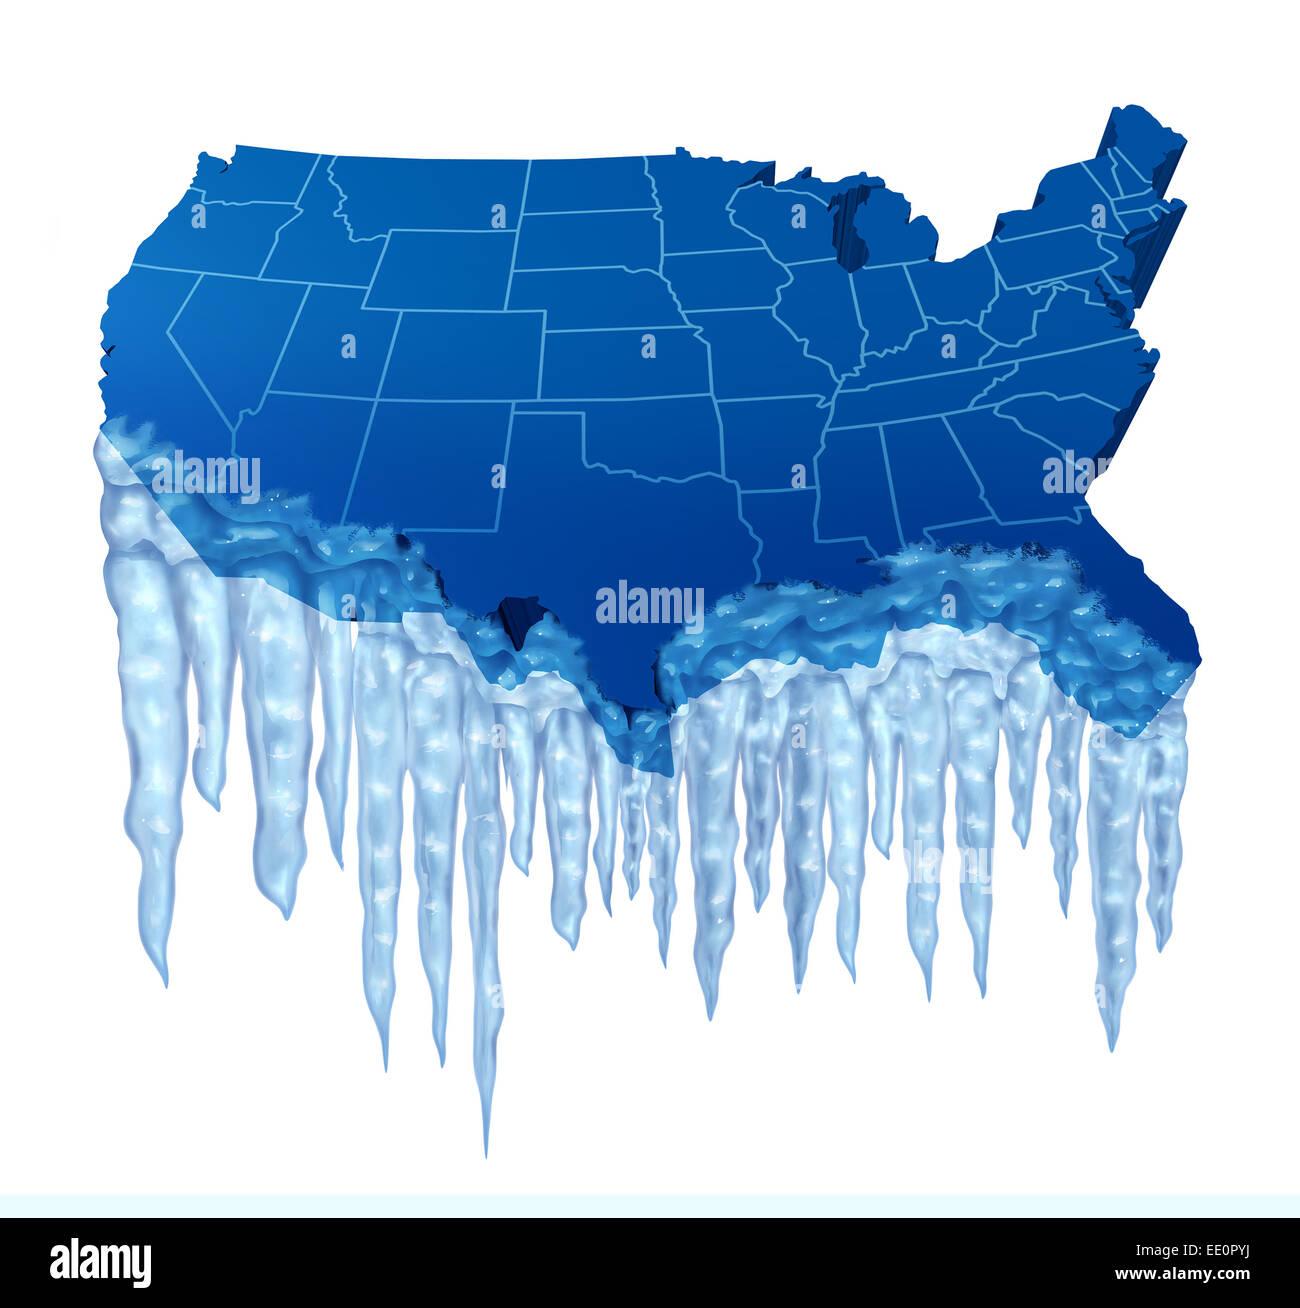 Amerikanische Tiefkühltruhe und eisige Kälte in den Vereinigten Staaten-Konzept als eine blaue Karte von Stockbild